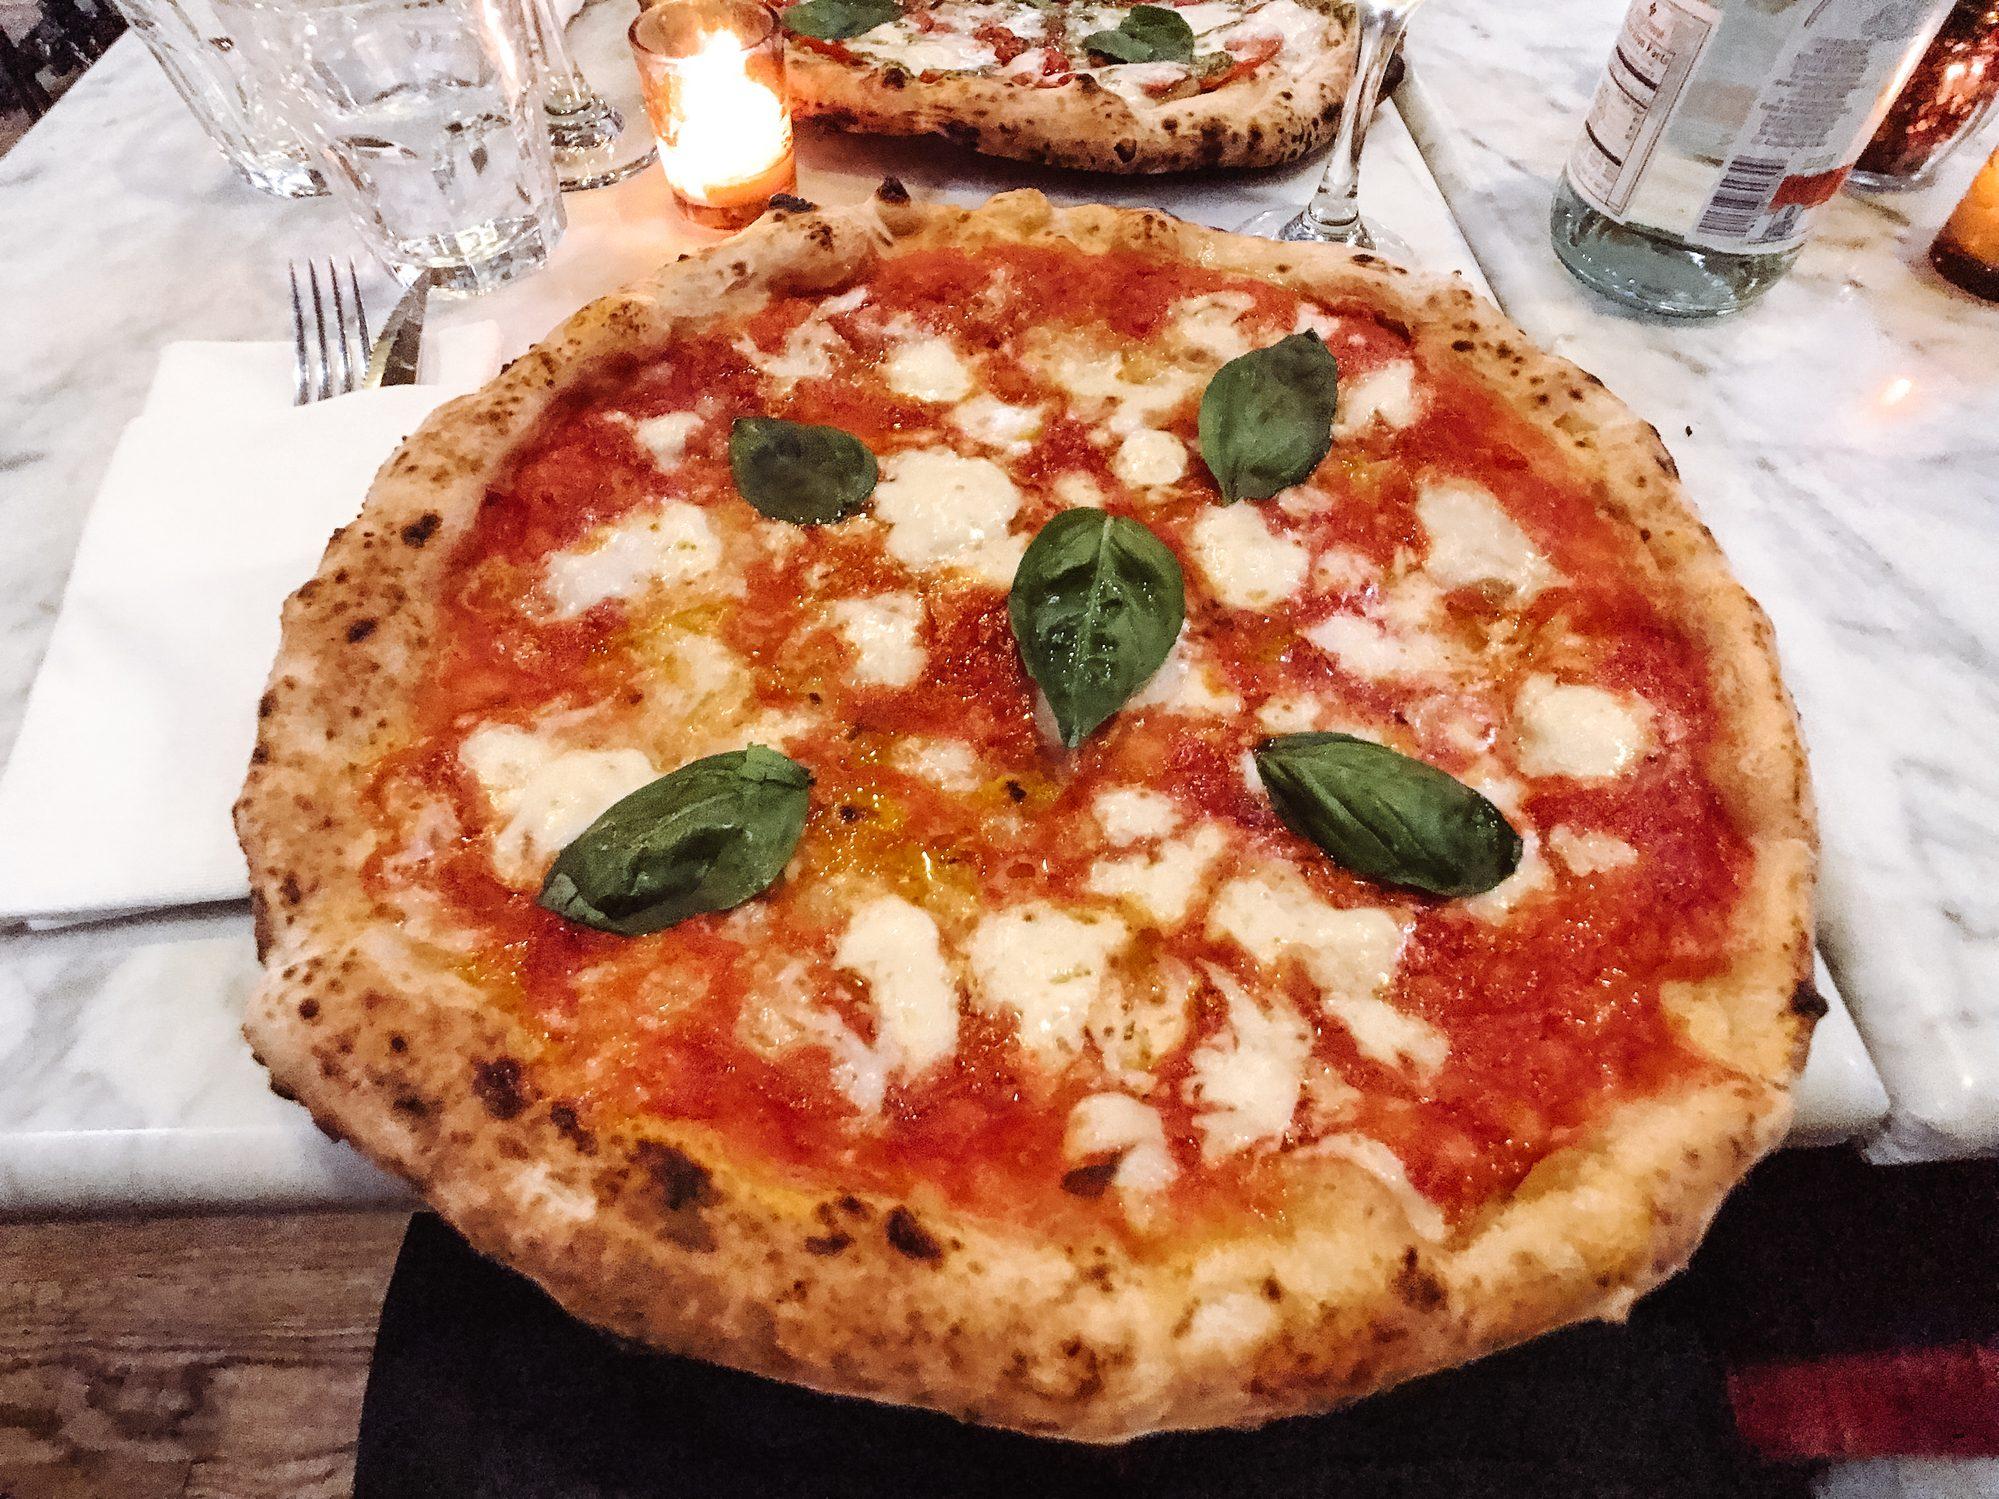 Settimana della Cucina Italiana: ecco quali sono i piatti italiani più famosi al mondo